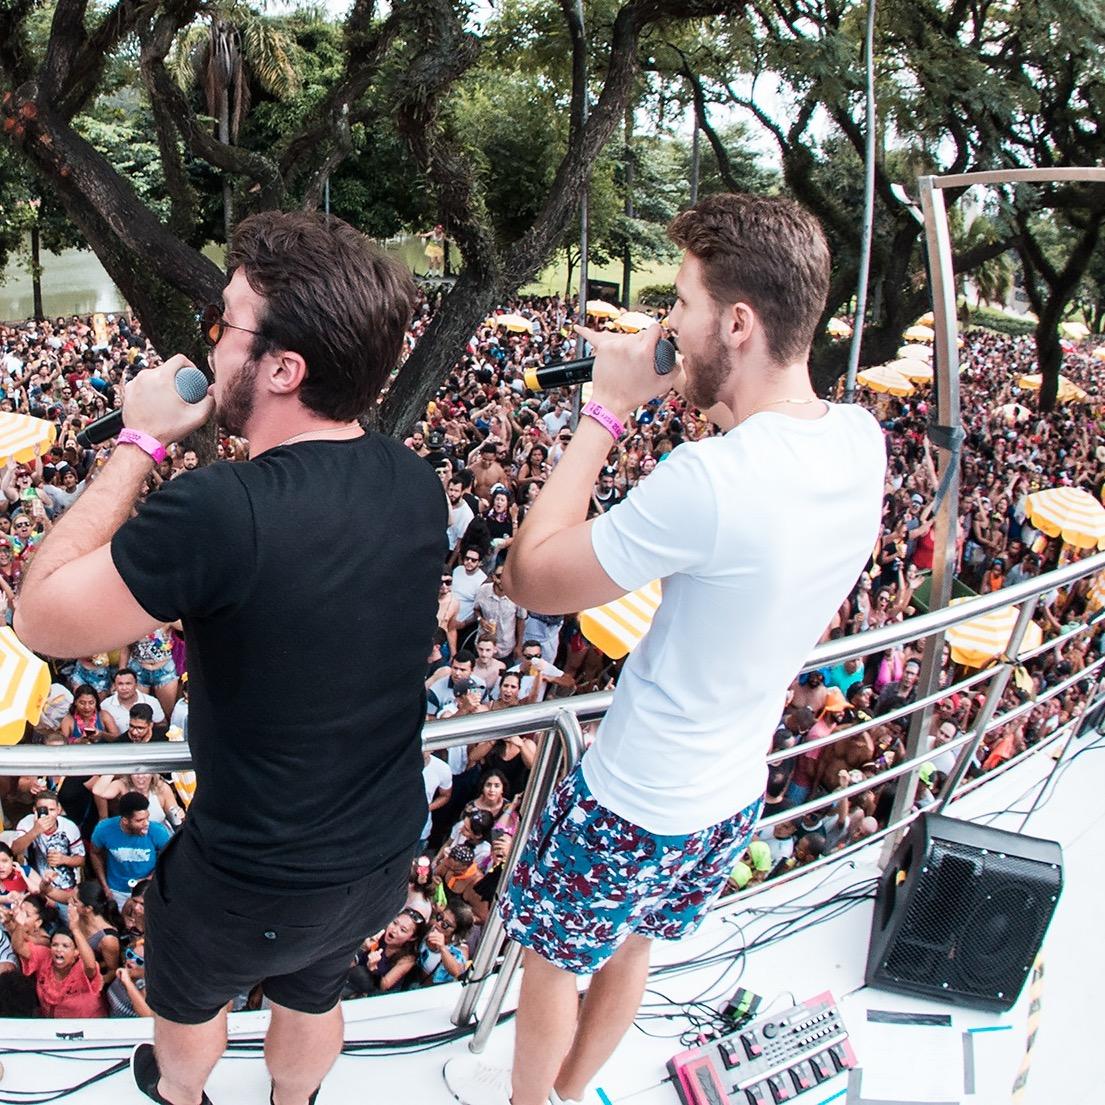 Carnaval com Sertanejo: Vini & Lucas fazem foliões cantar em coro no Parque do Ibirapuera, em SP 41